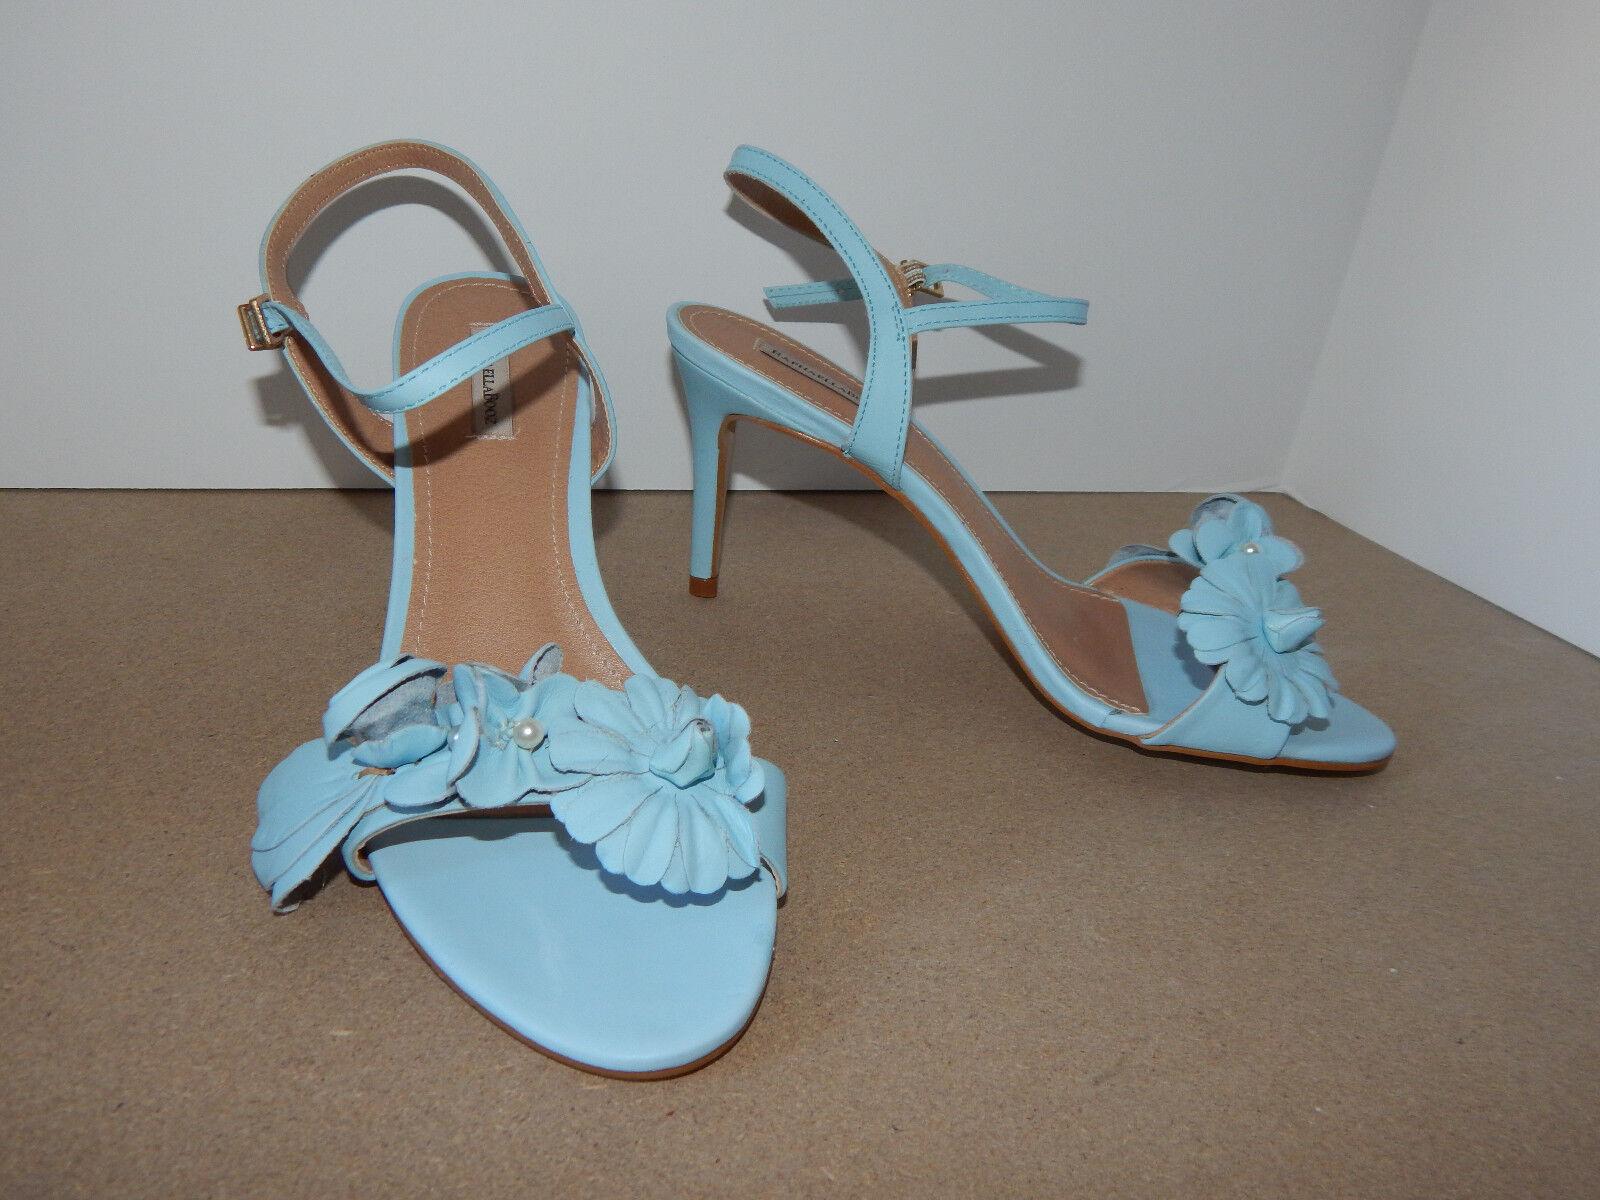 Bhldn 8 Zapatos azul azul azul florecido Cuero Flores Perlas Tacones Raphaella Booz  120 Usado En Excelente Condición  connotación de lujo discreta